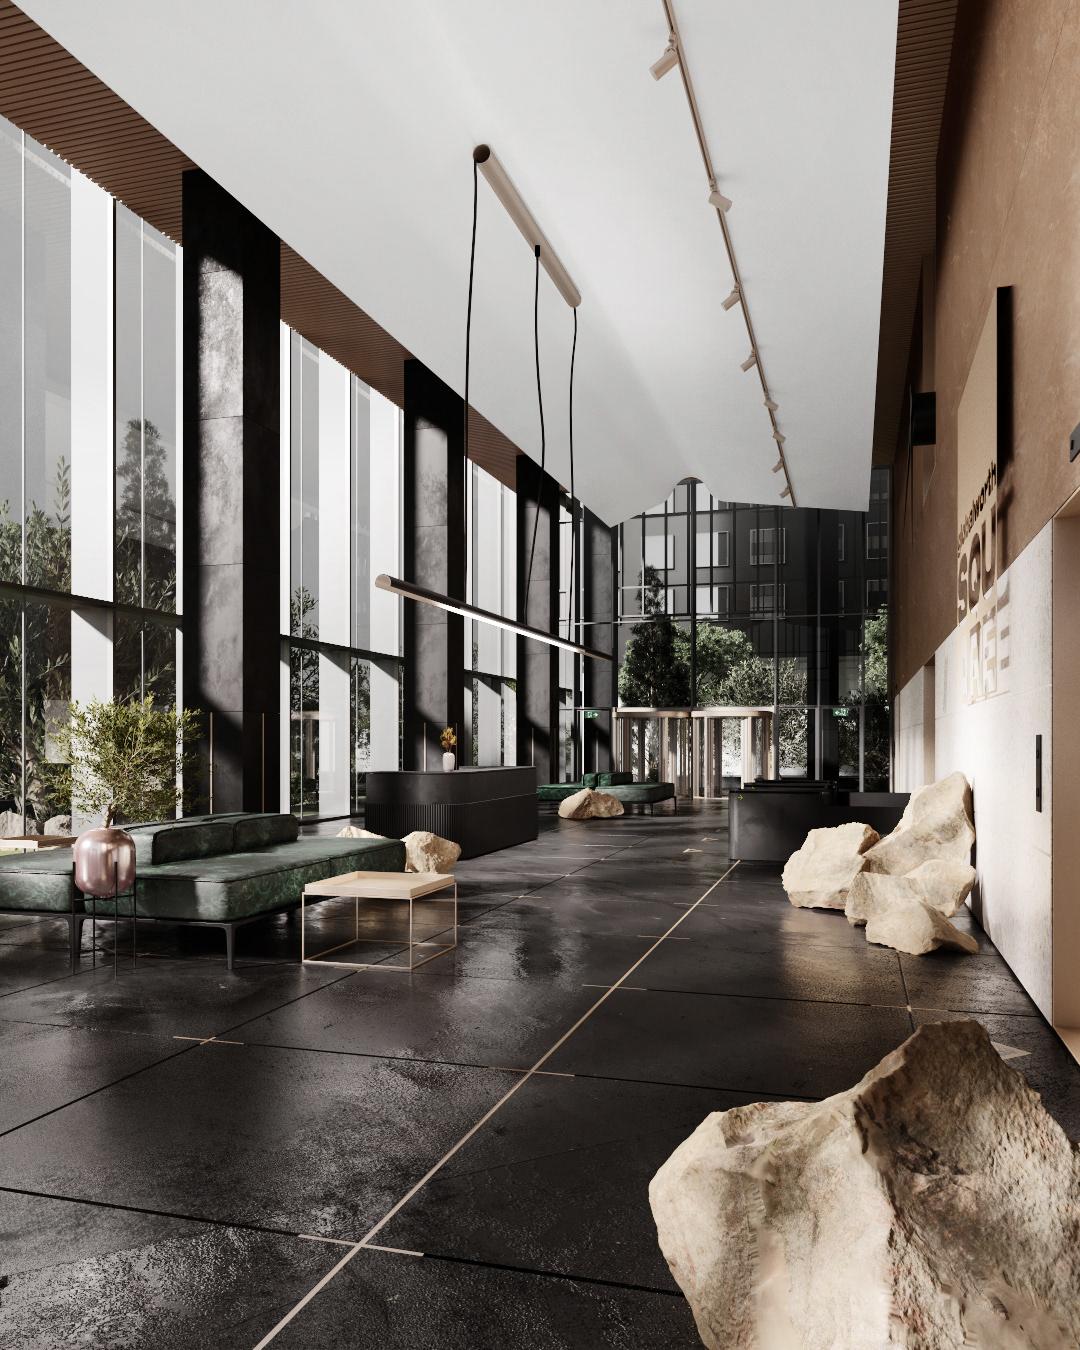 3dsmax archviz building exterior Interior Lobby Office rendering skyscraper visualisation